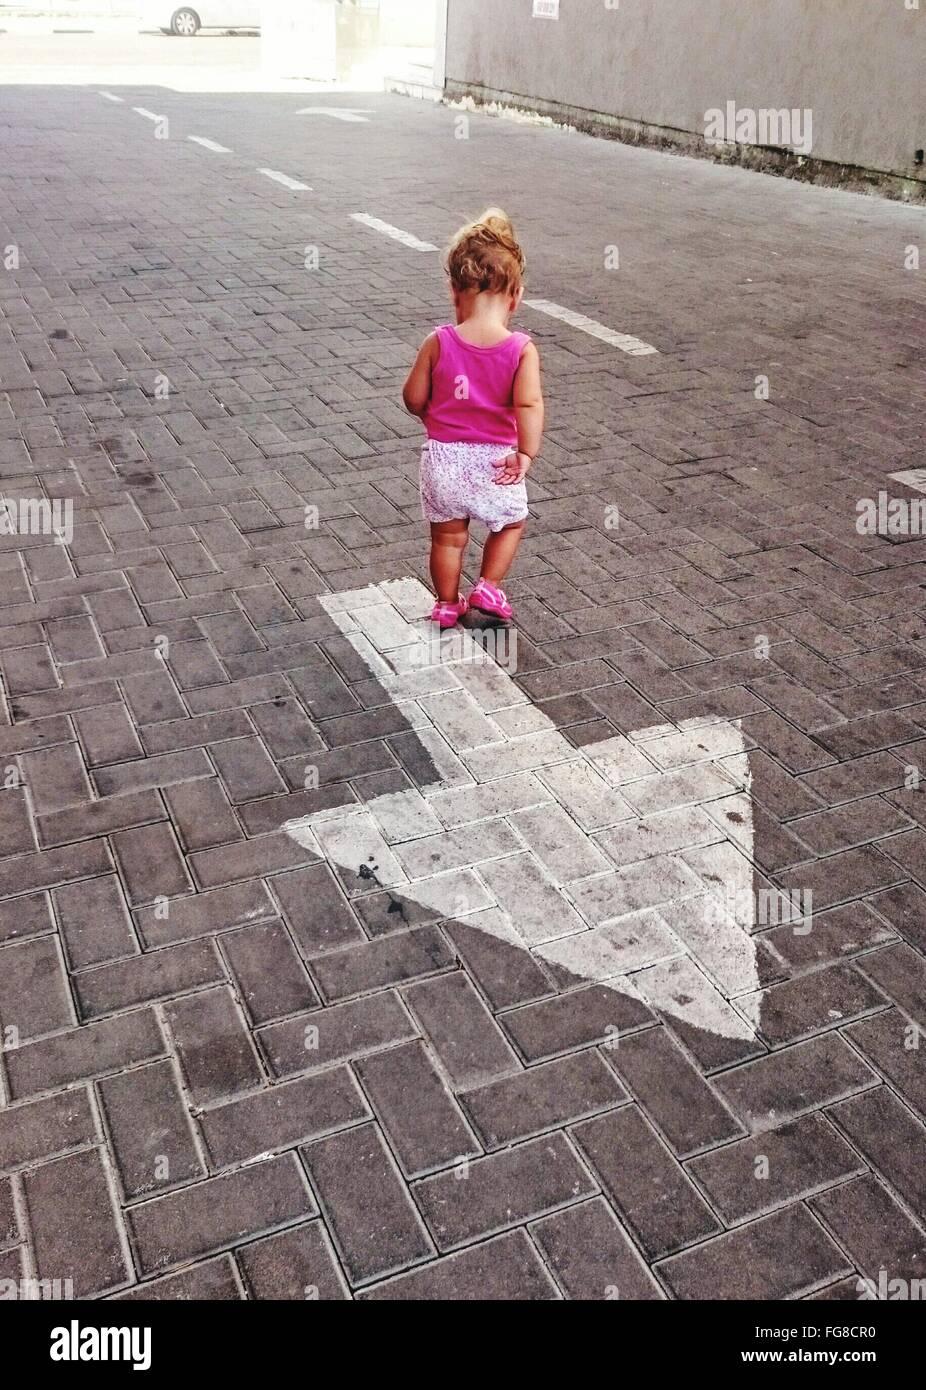 Vista trasera de la niña caminando sobre el símbolo de la flecha en la calle de adoquines Imagen De Stock